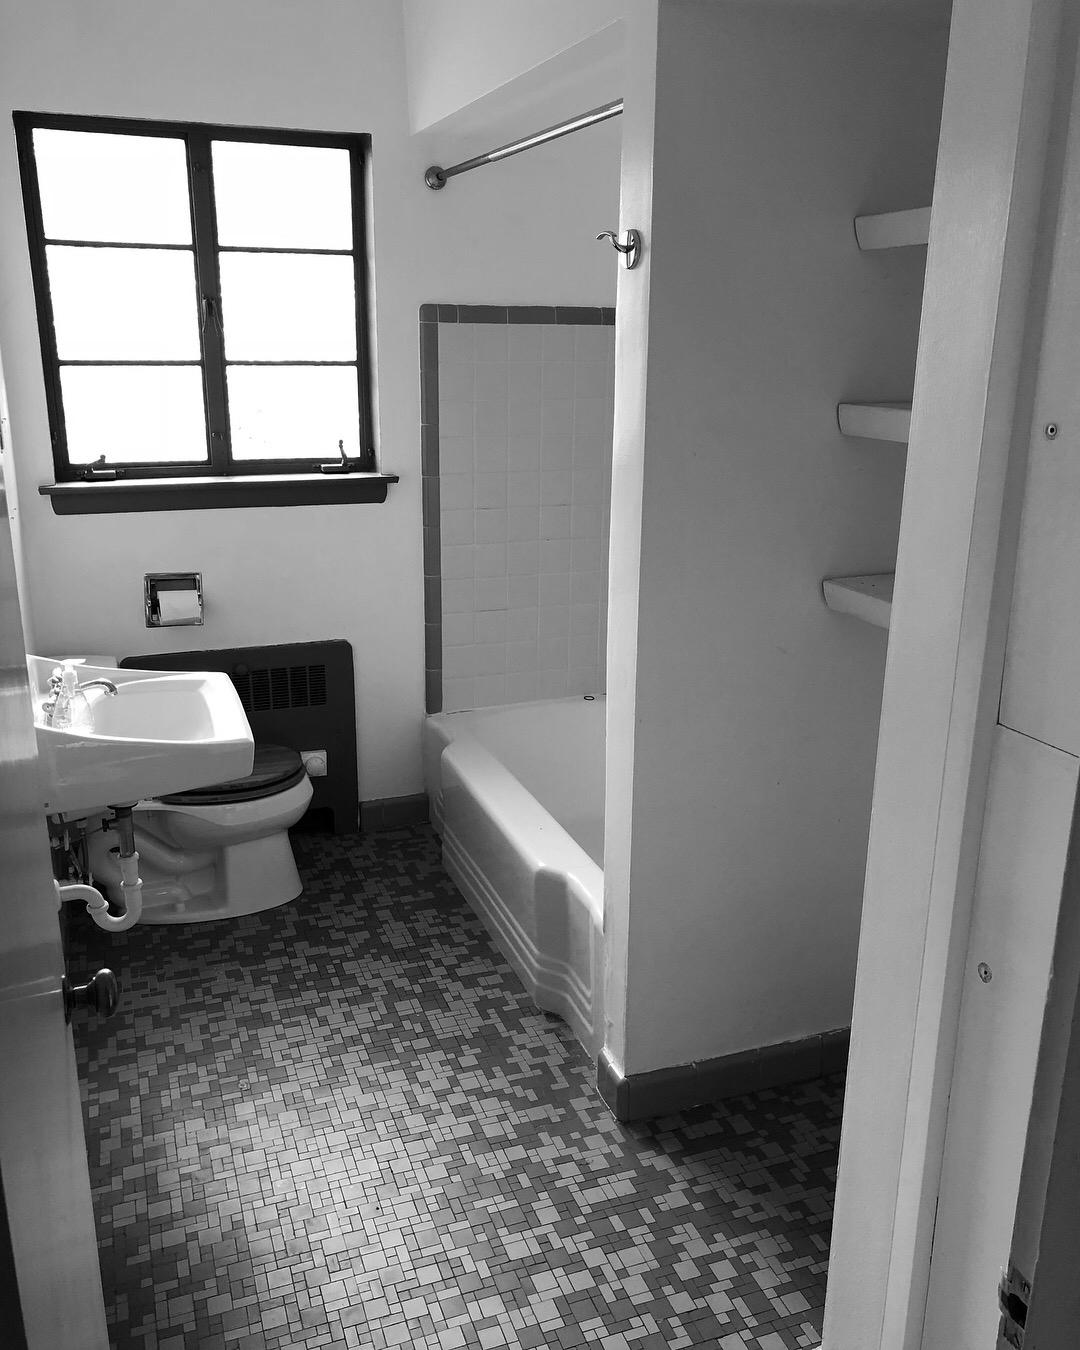 Original Bathroom 1951